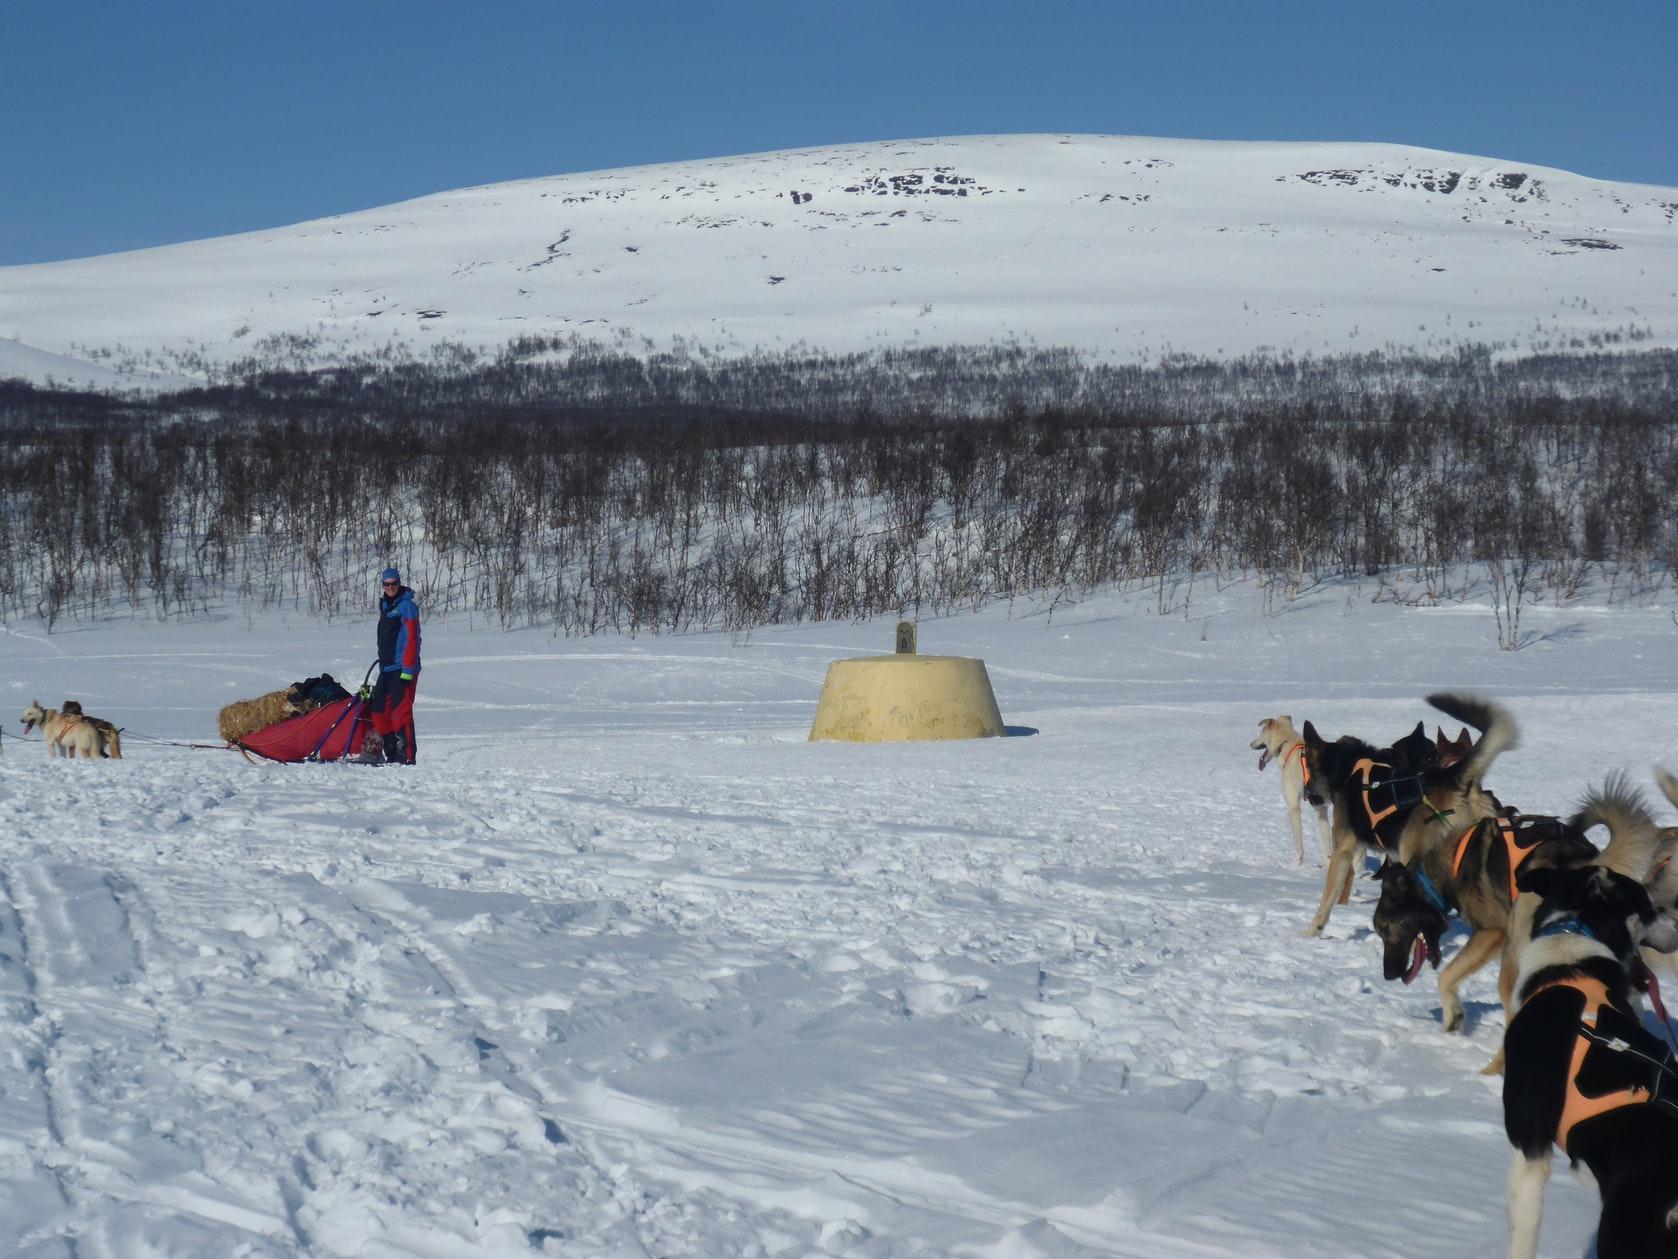 wintertour_mountaintour_expedition_9